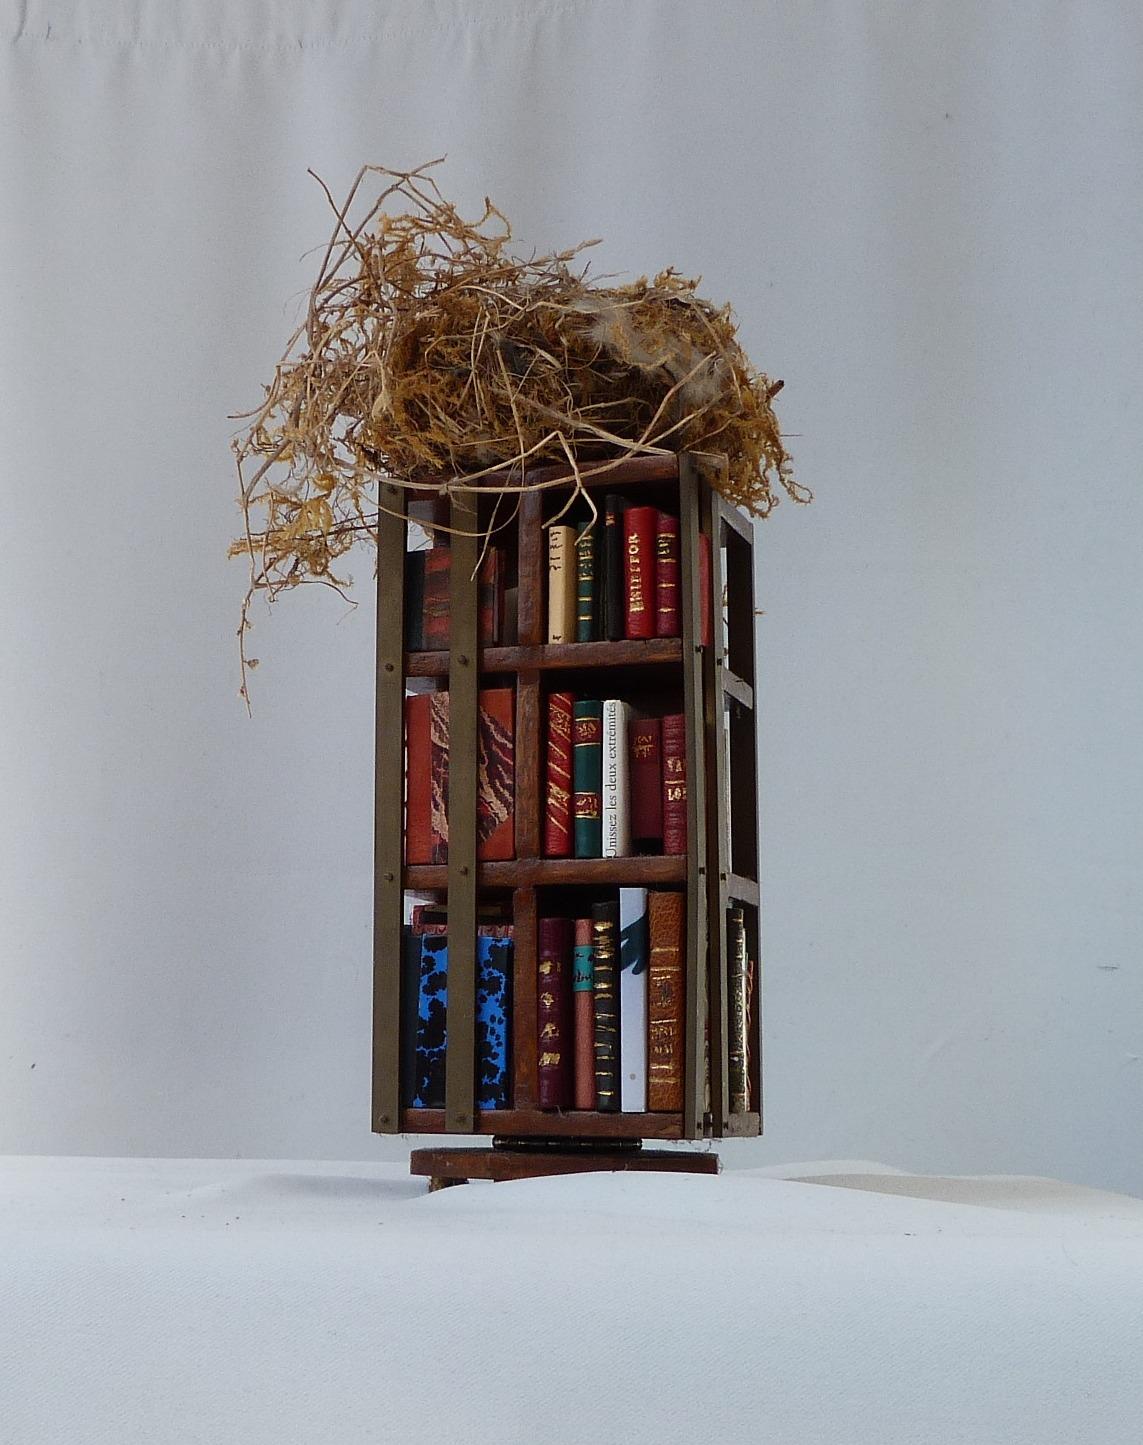 Deuxième face de la bibliothèque.